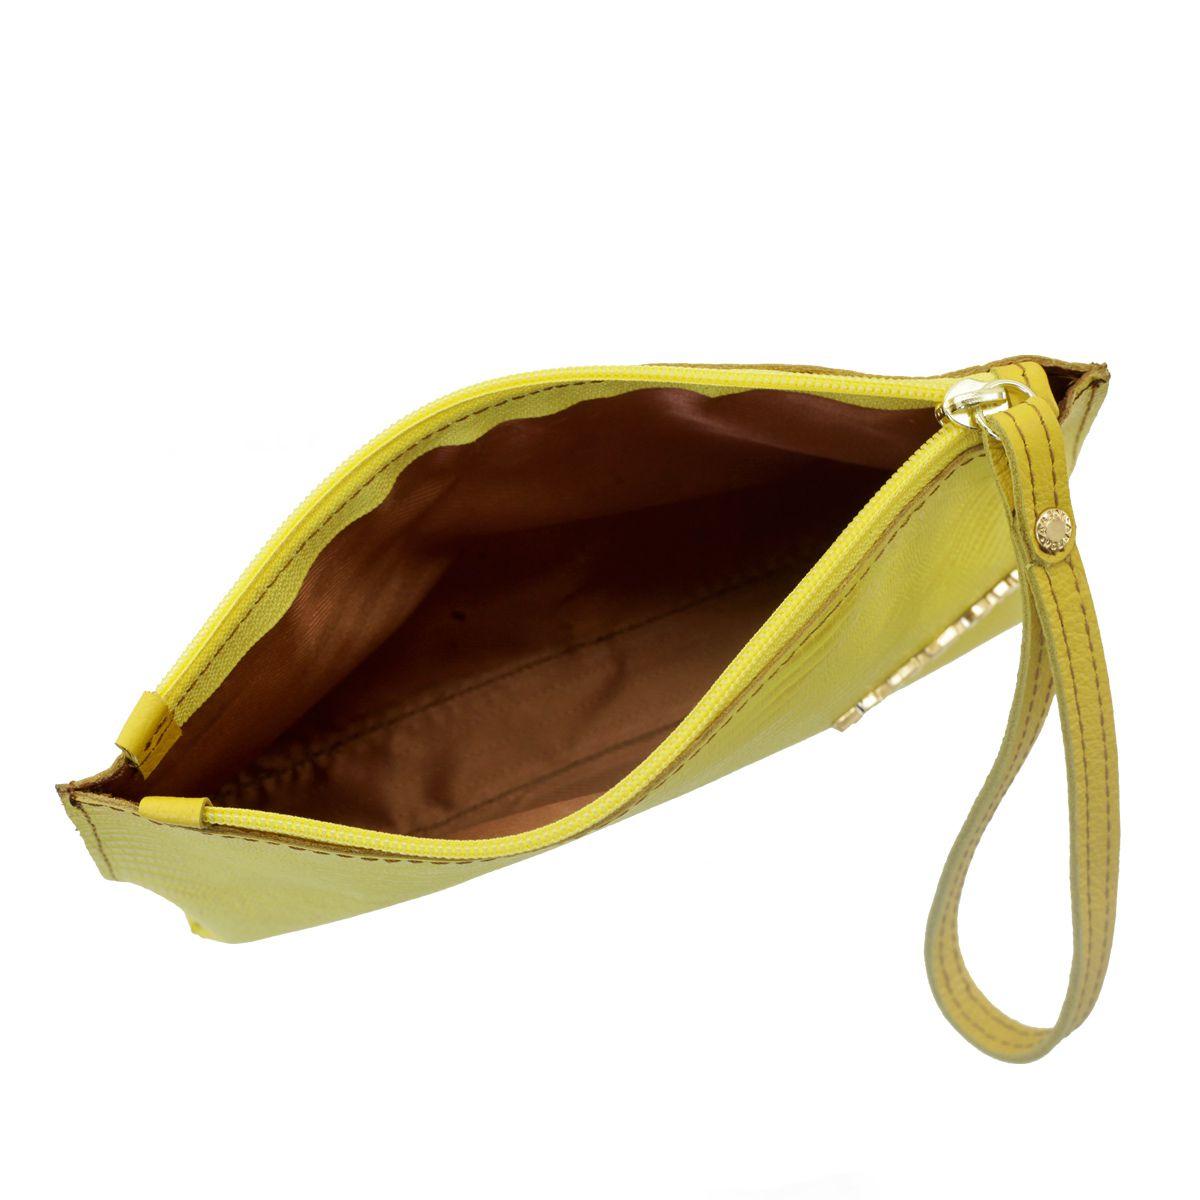 ed2944c0c4cc0 ... Bolsa de Mão ou Necessaire com Alça Amarelo - ARZON ...